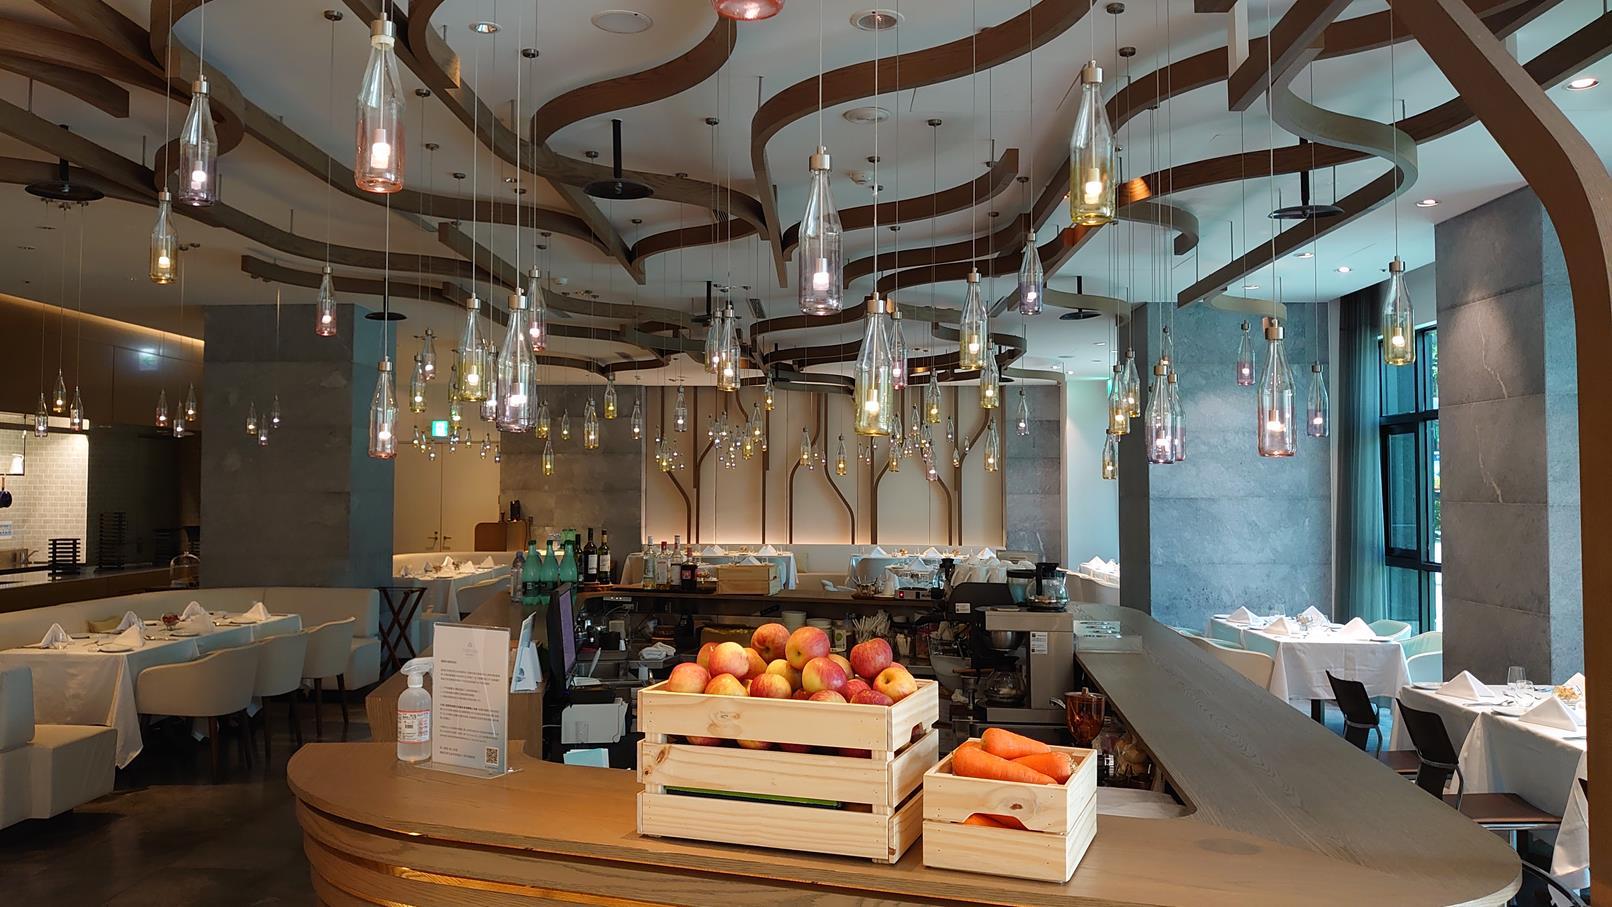 【北投老爺酒店 Pure Cuisine】海鮮及原型食材喚醒味蕾,滿足視覺與品味享受!